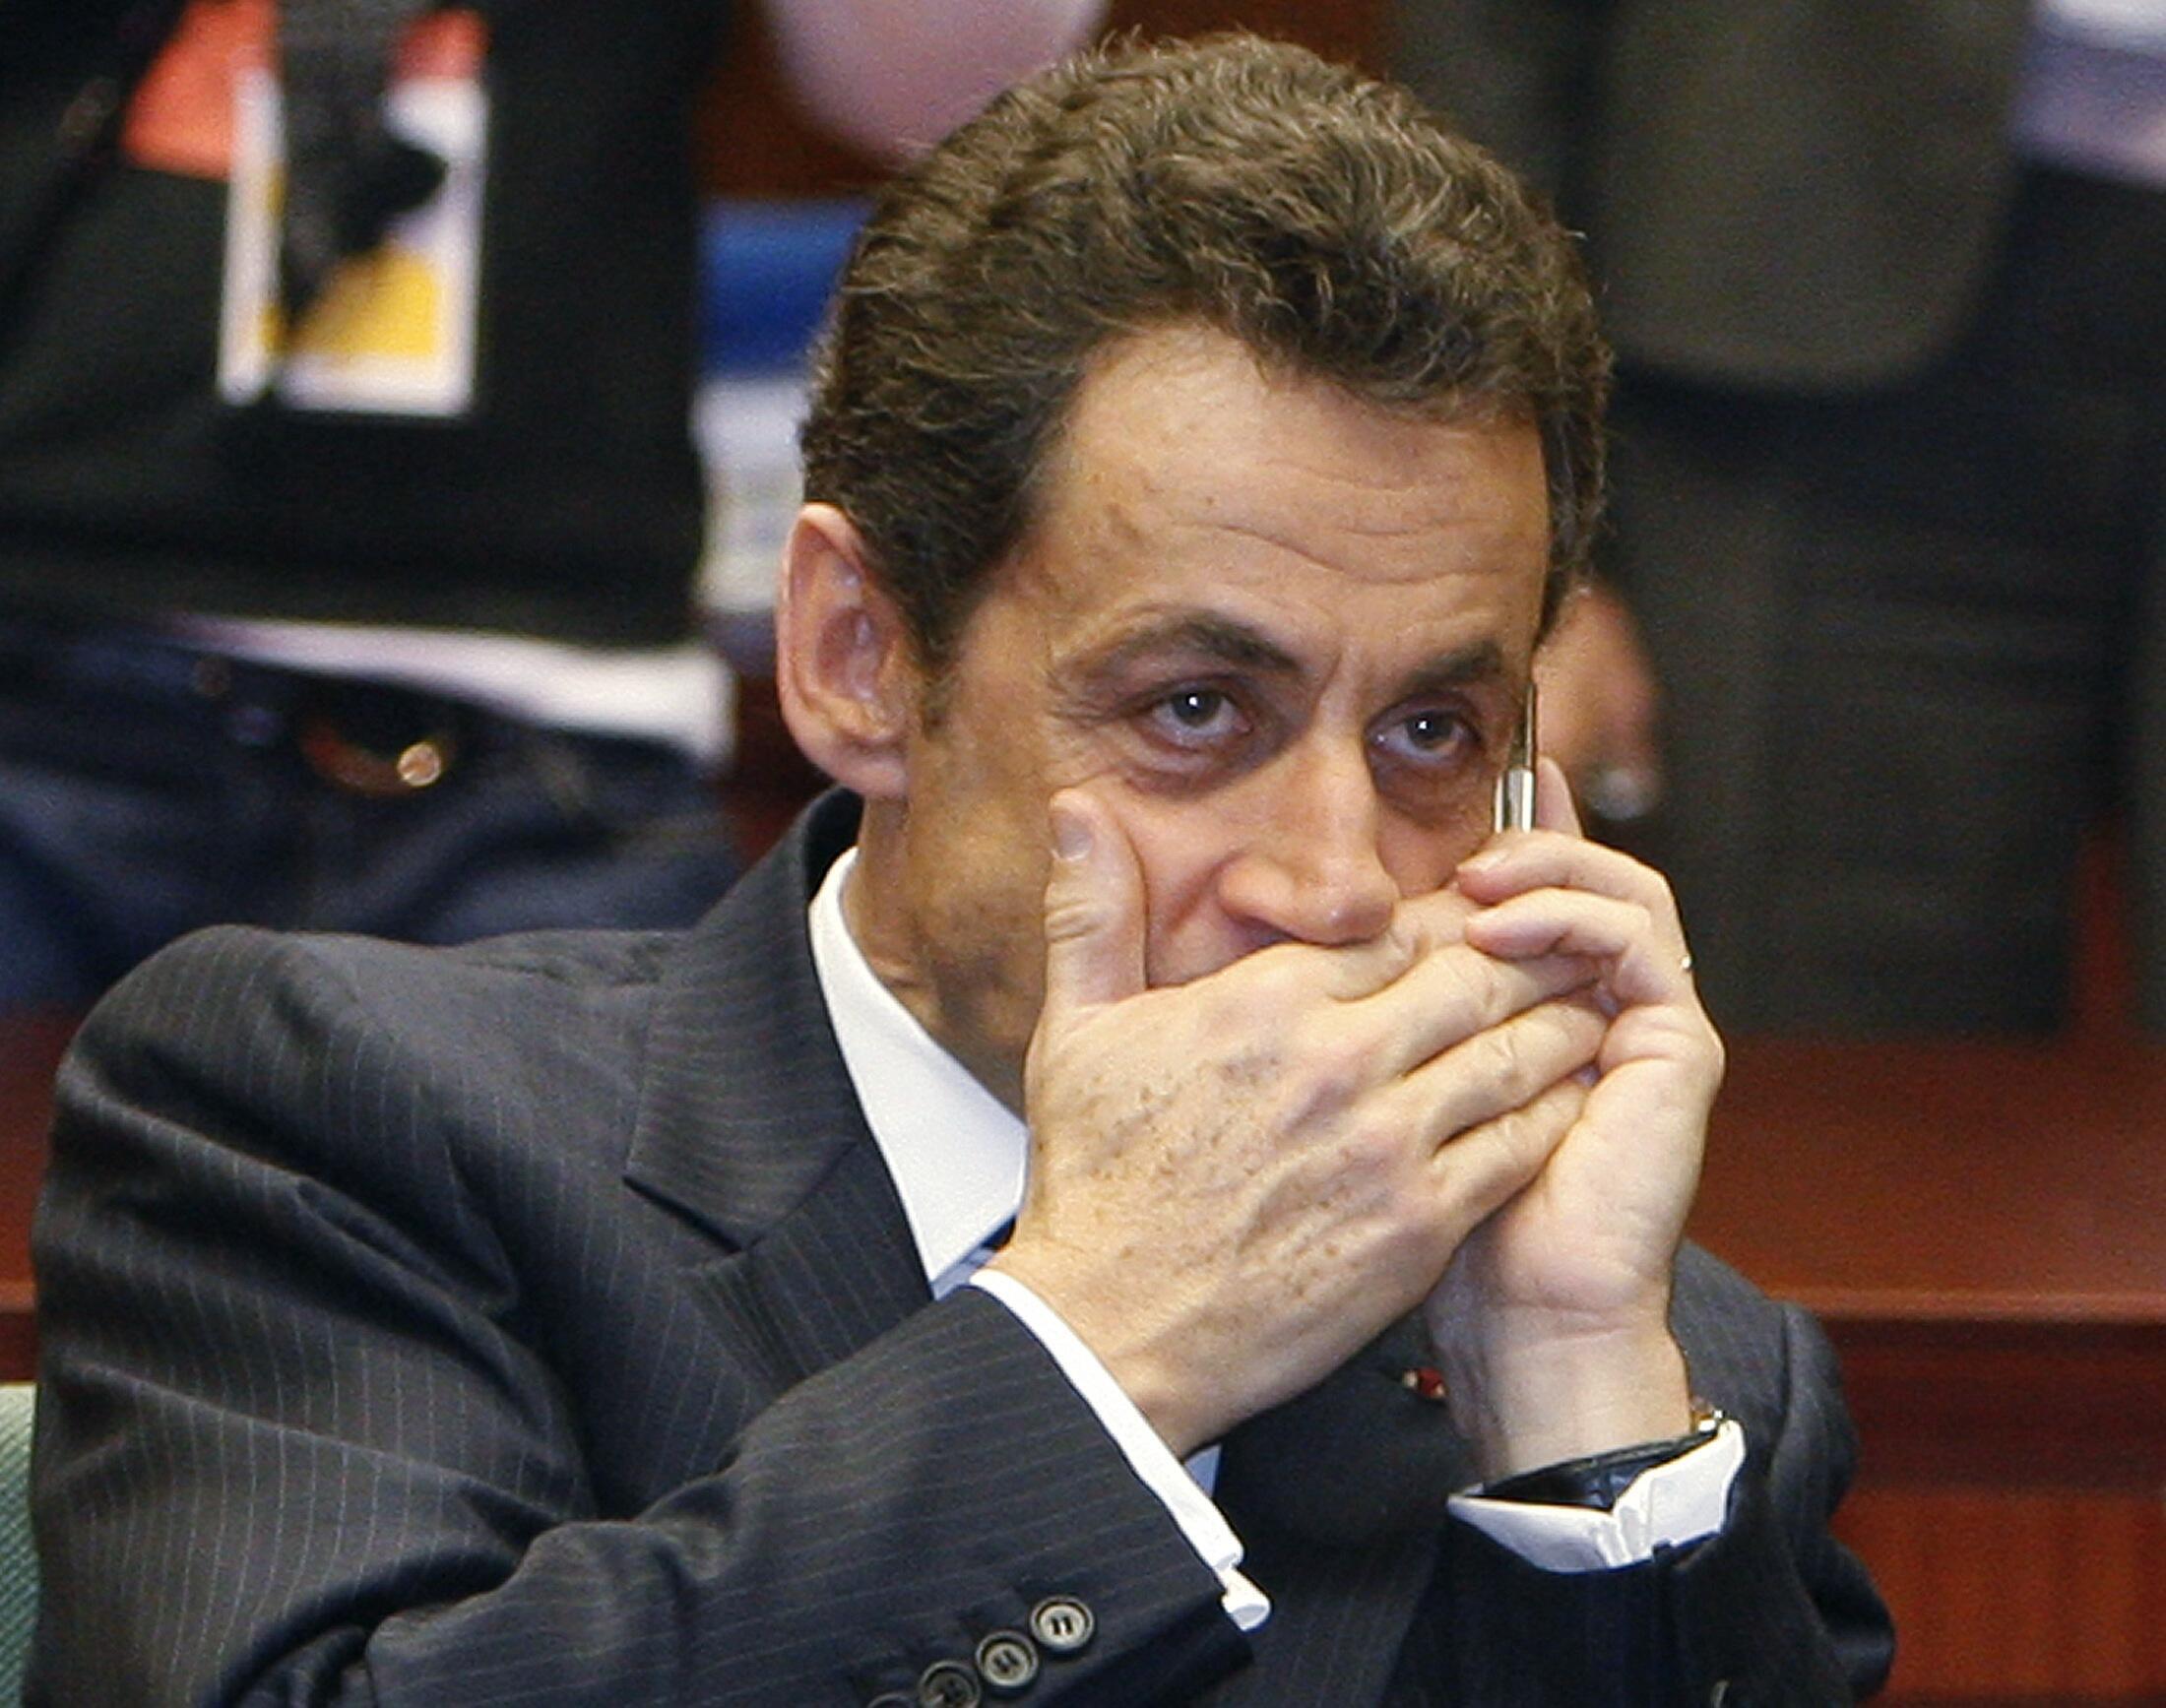 L'enquête sur le financement présumé de la campagne présidentielle 2007 de Nicolas Sarkozy se déplace au Mali.